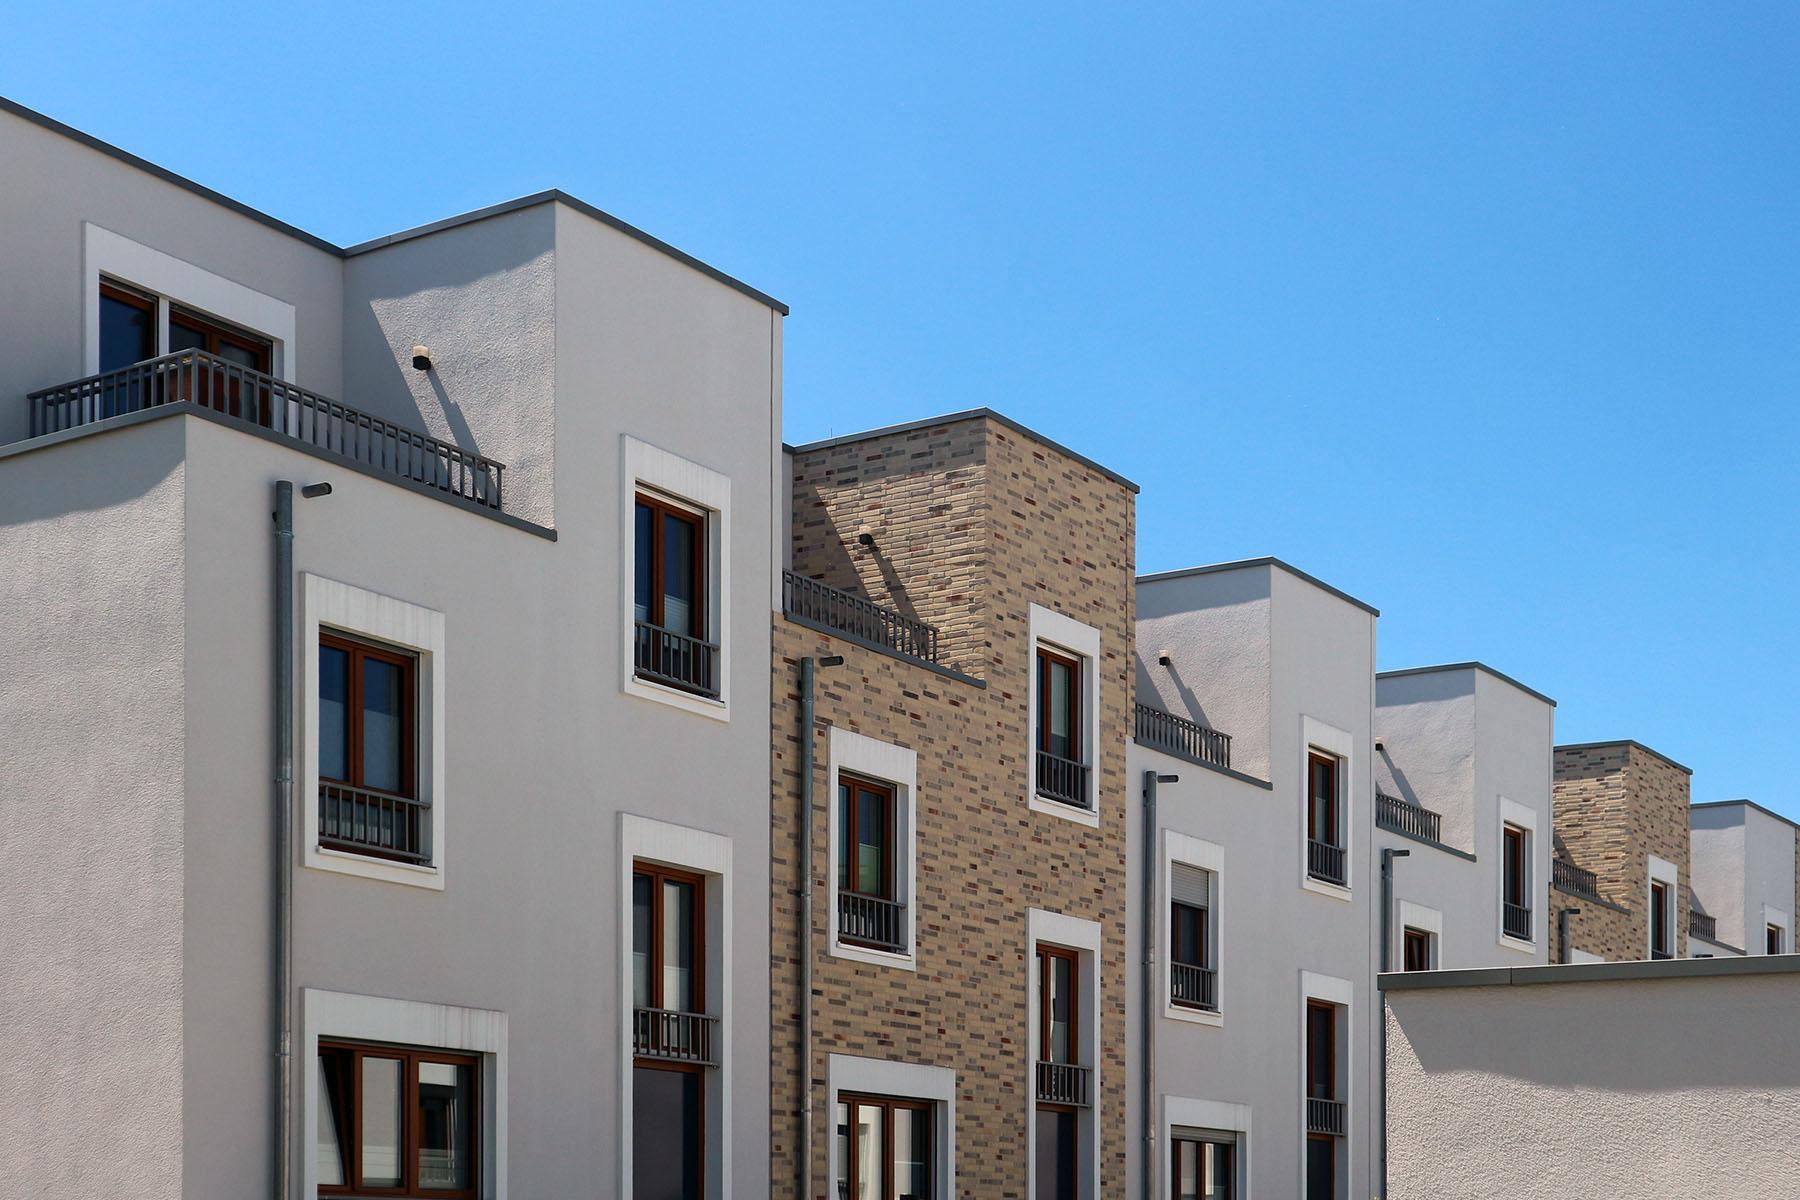 Marina Quartier. Putz und Klinker prägen die Fassaden der Stadthäuser.